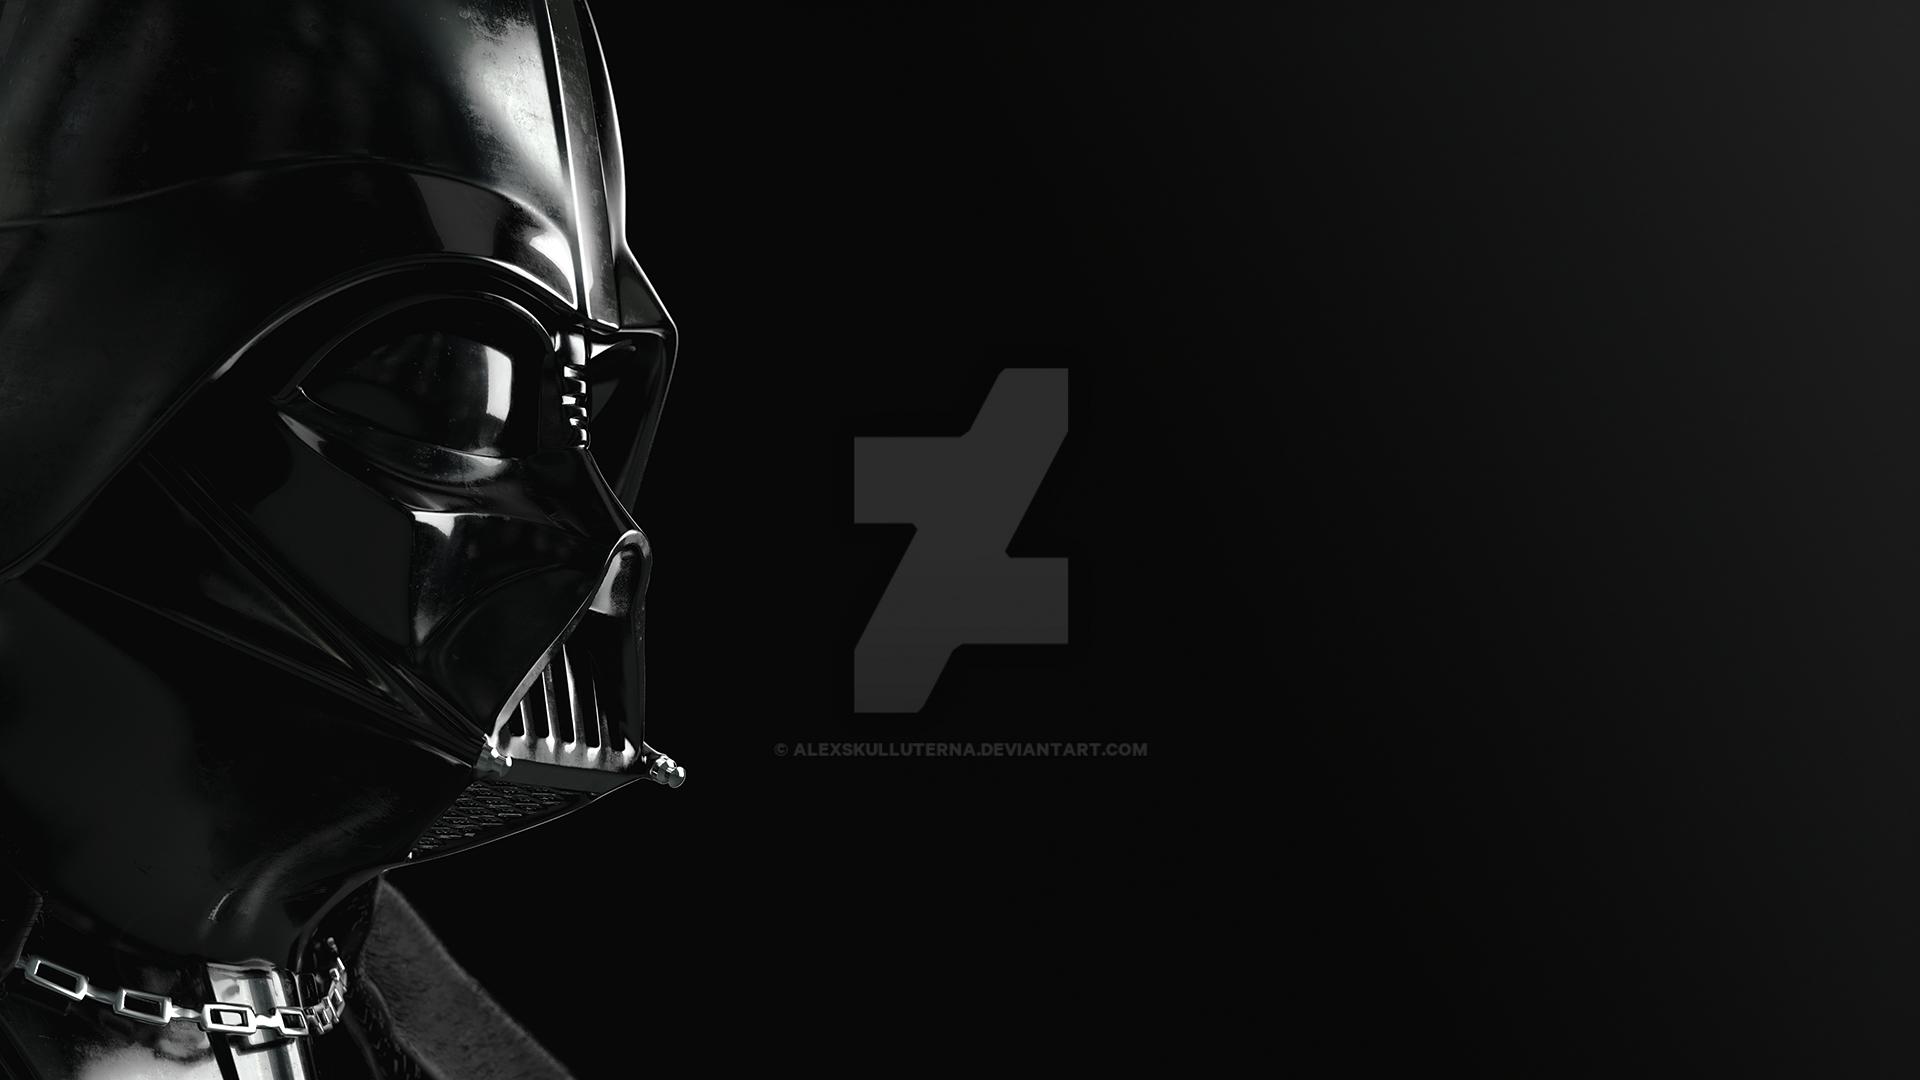 Darth Vader Wallpaper By Alexskulluterna On Deviantart